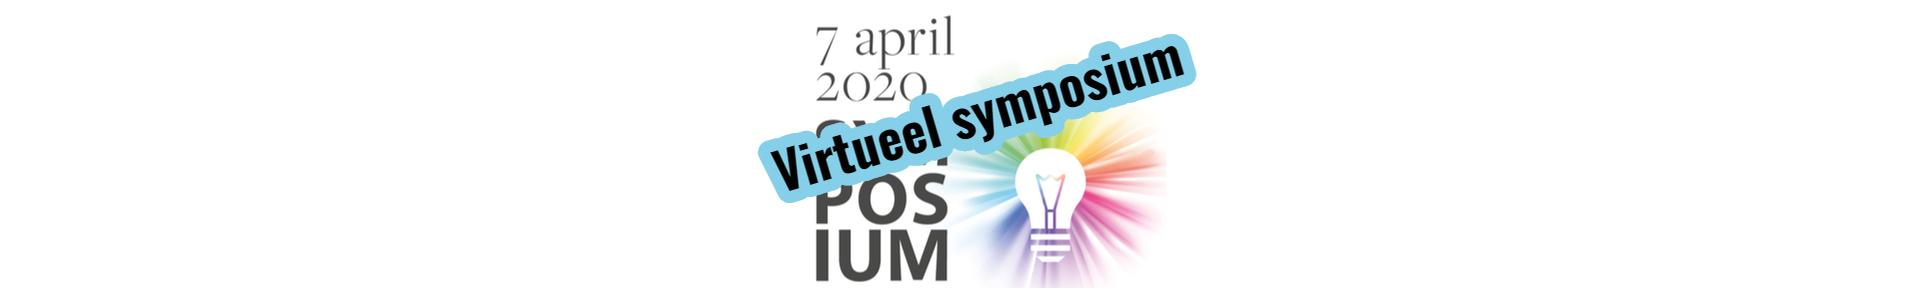 Symposium: Virtuele grenzen verleggen